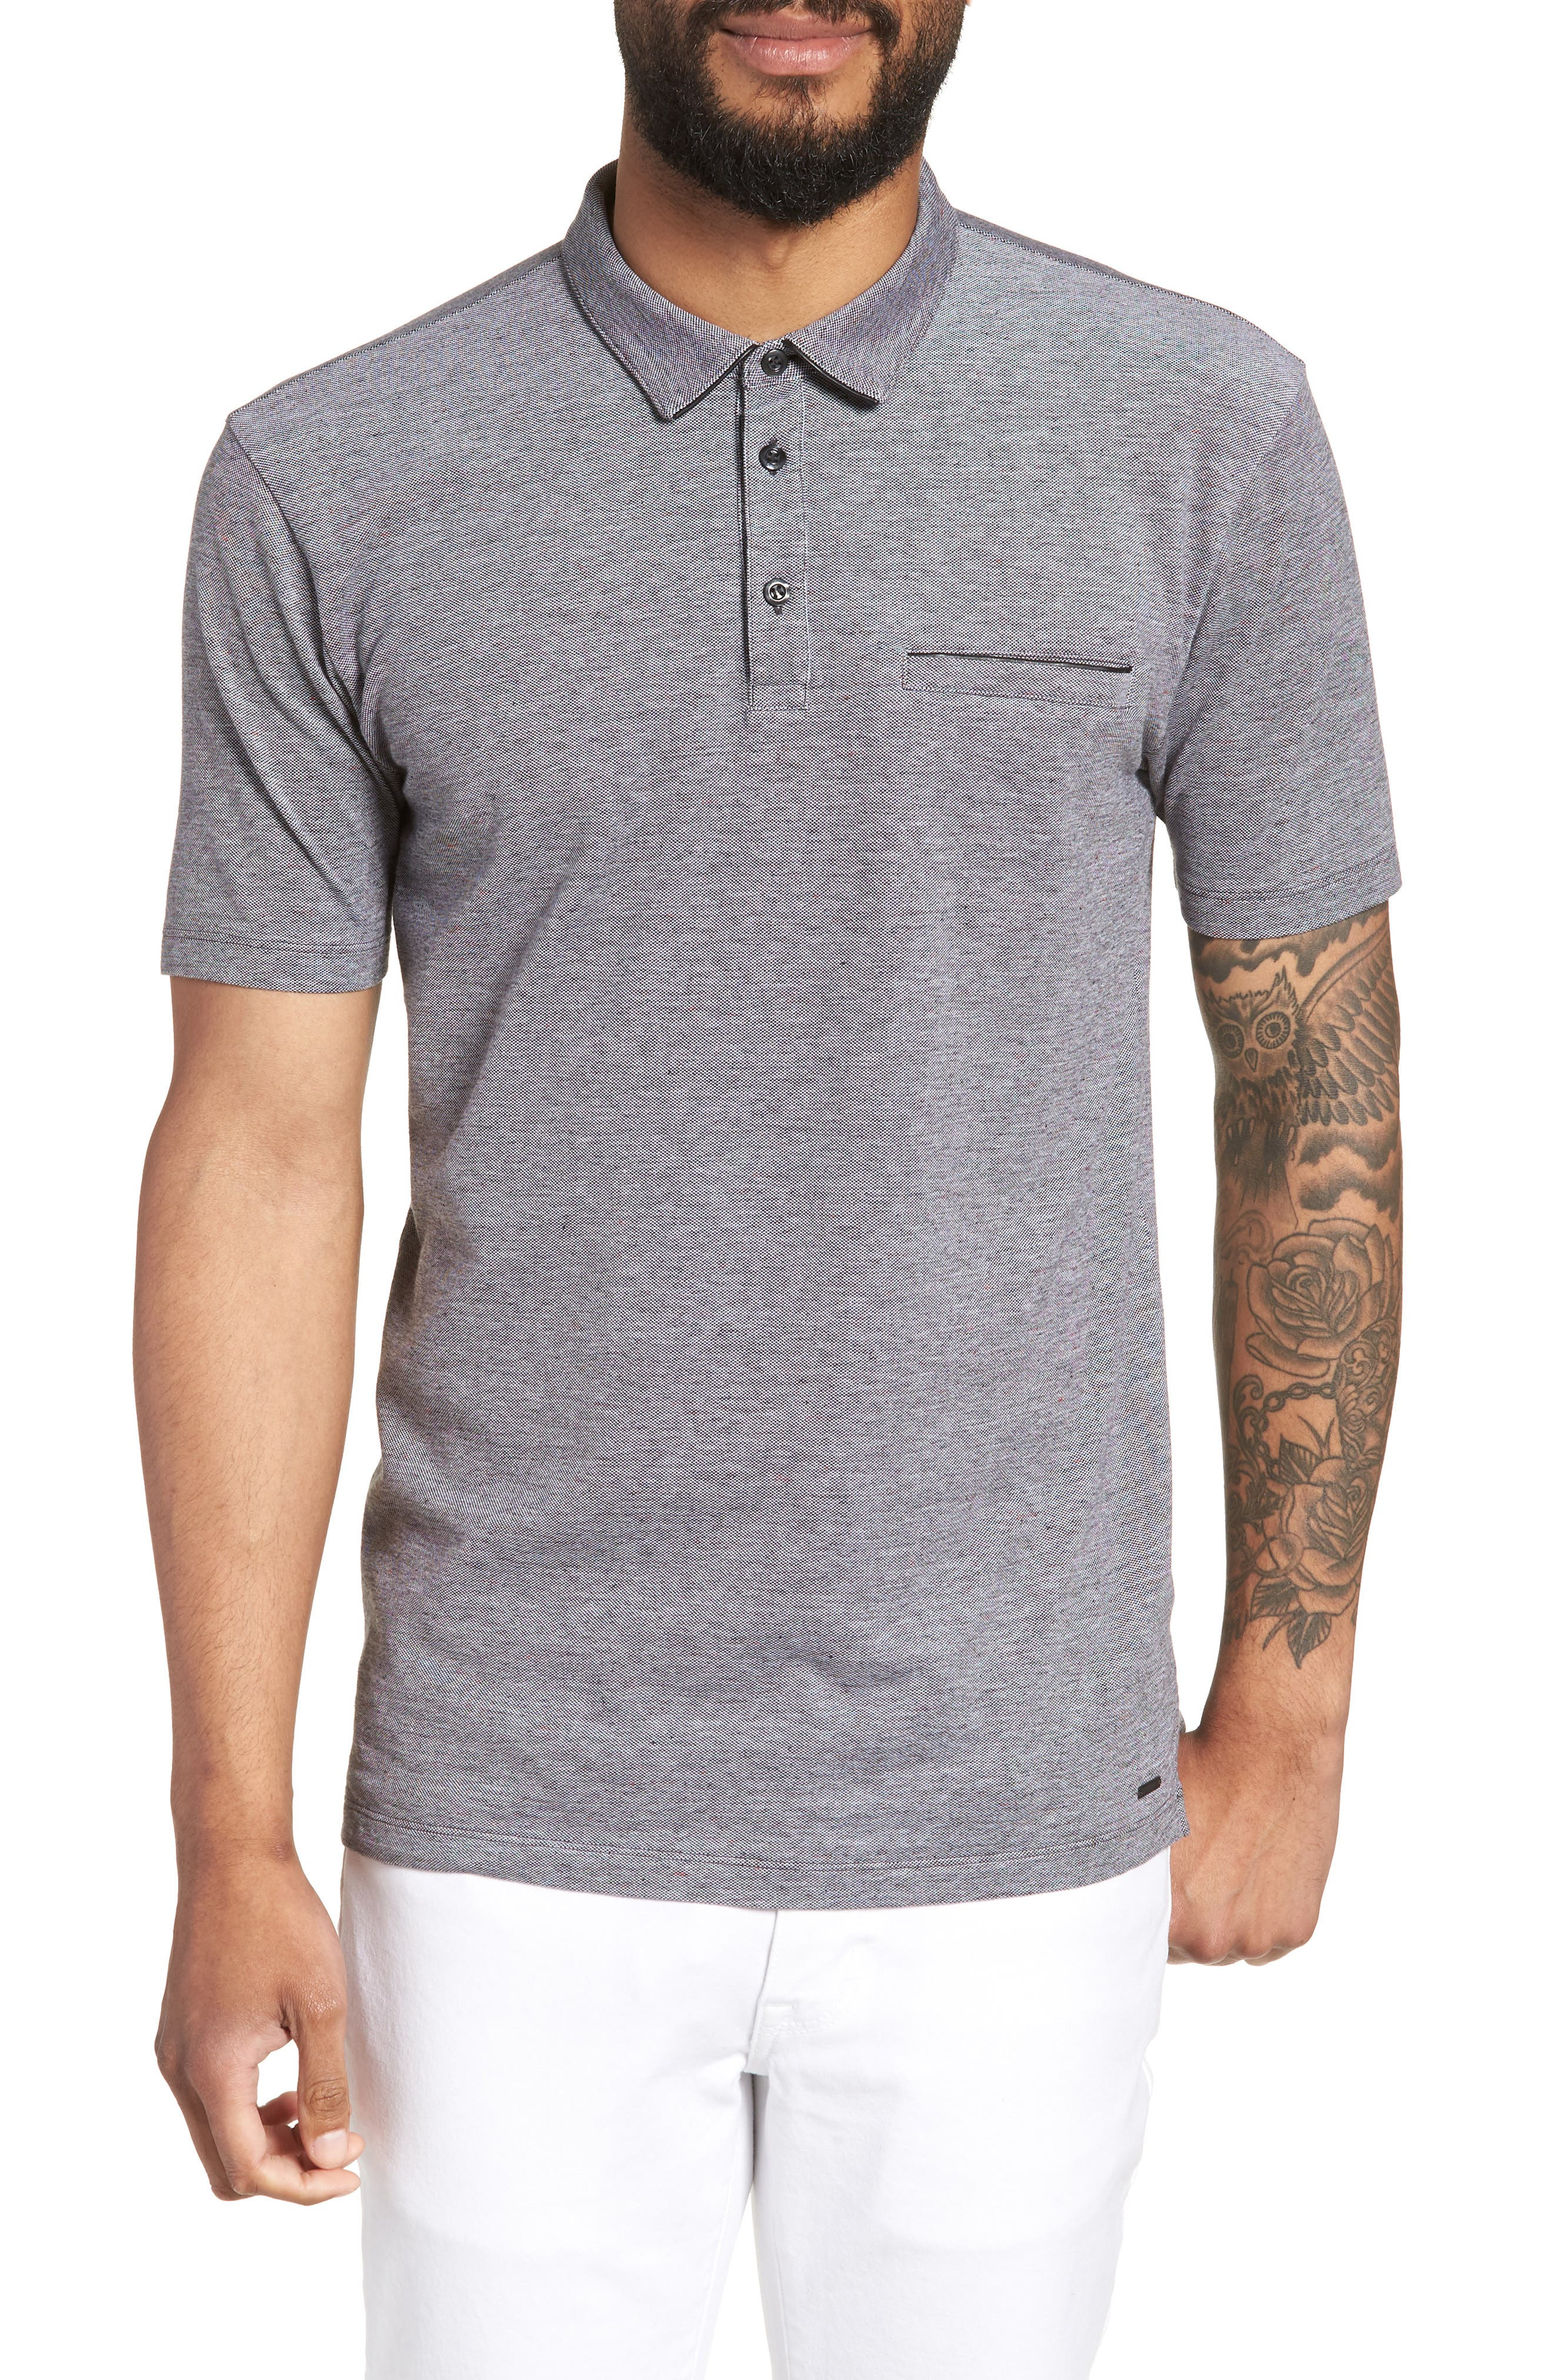 Darrow Cotton Polo Shirt,                             Main thumbnail 1, color,                             001